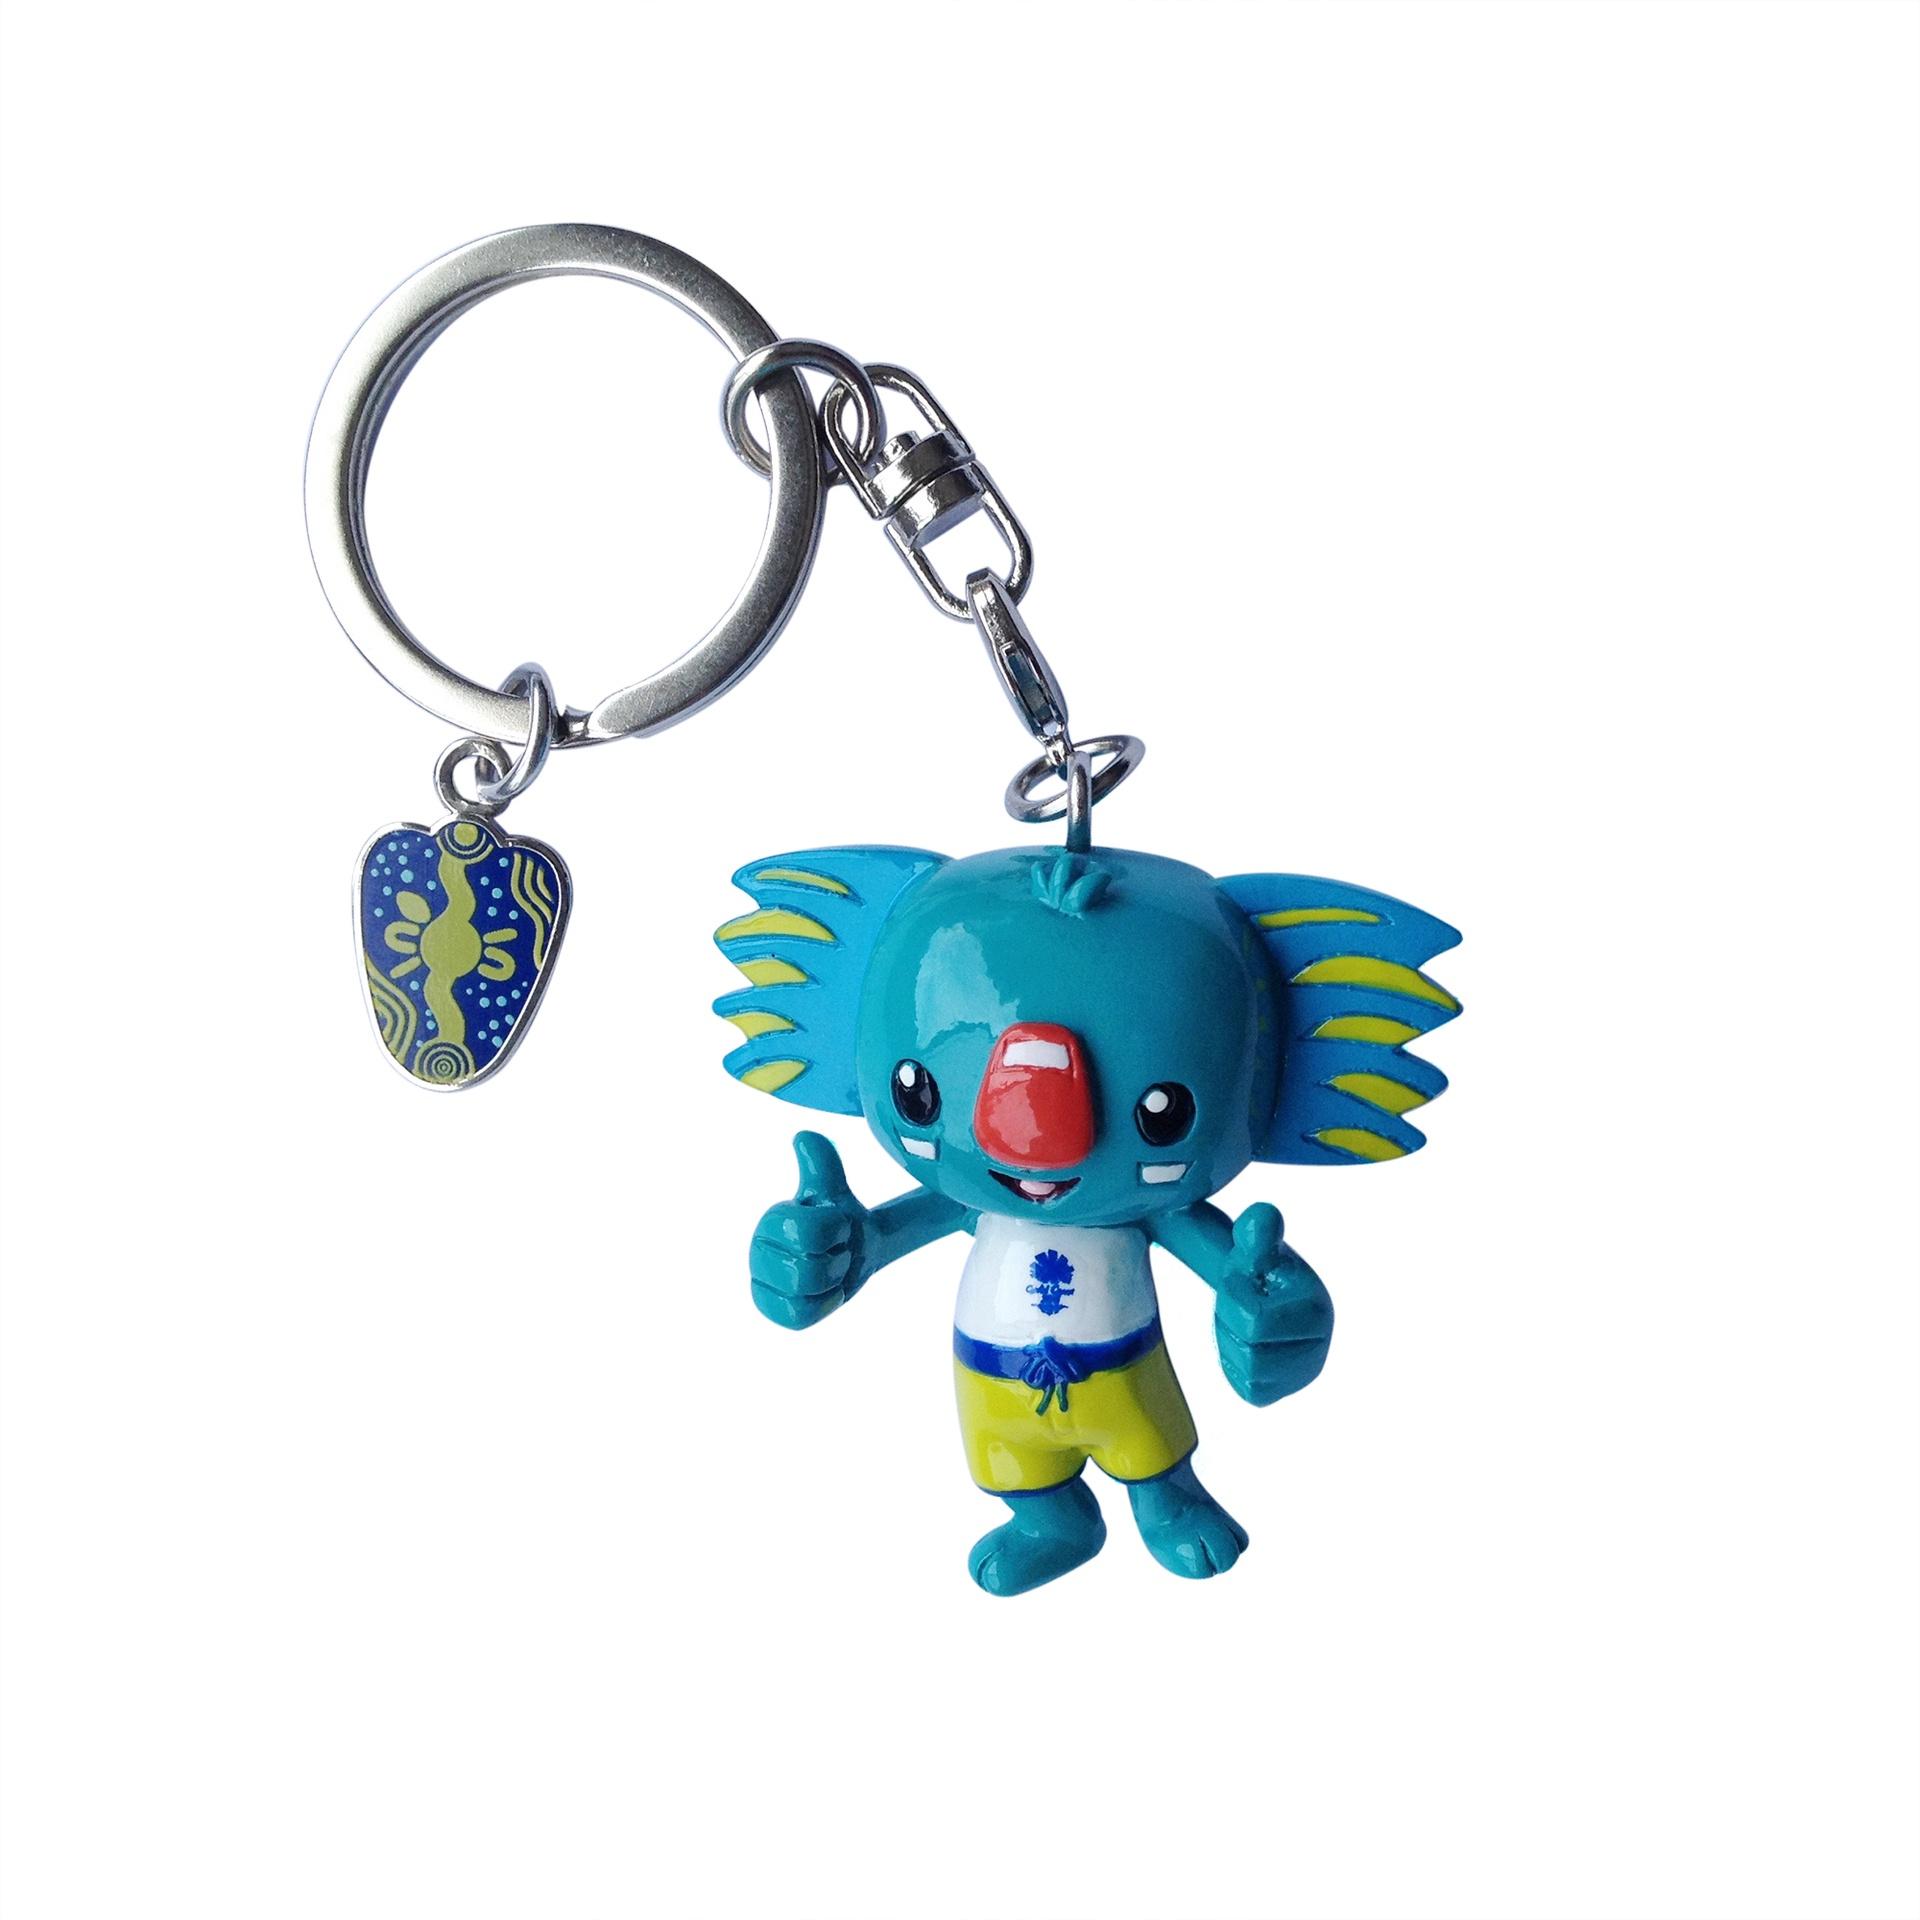 Borobi Mascot 3D PVC Keyring Image